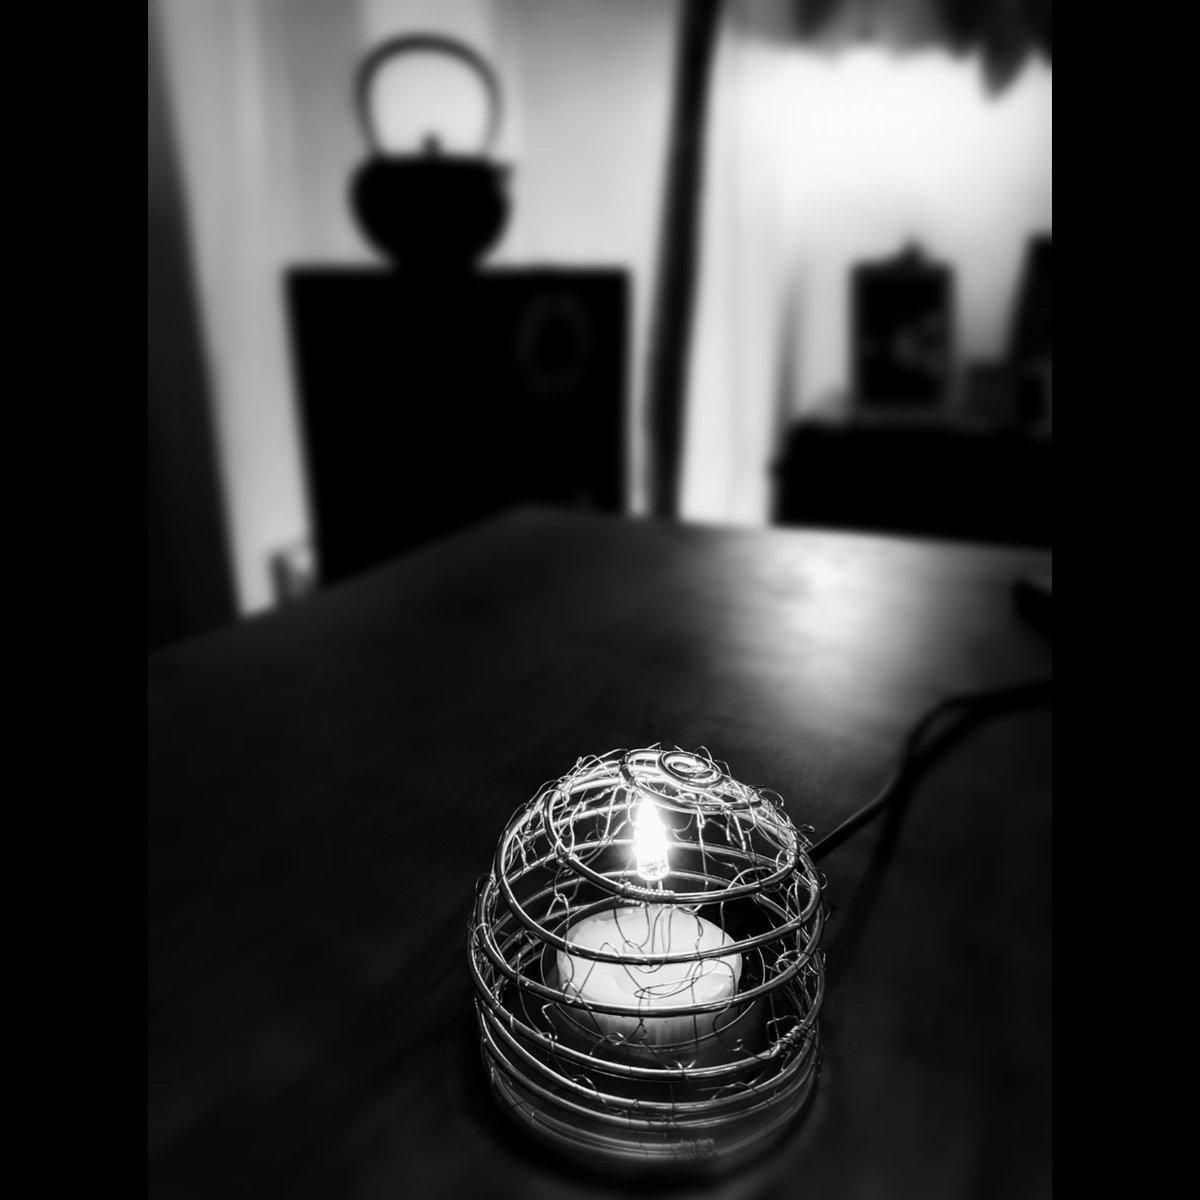 毎日ジュリの為にキャンドルを灯していたが四十九日も過ぎ安全の為LEDへ。夫が揺らめきのあるLEDライトを一からから手作りしてくれたので、私はとりあえずワイヤーでライトシェードを試作。 #handmade #lifephotography #ledlights #wire  #blackandwhite #monochrome #nekoashinatsugramRIPGiuliapic.twitter.com/SYA0GalV6M